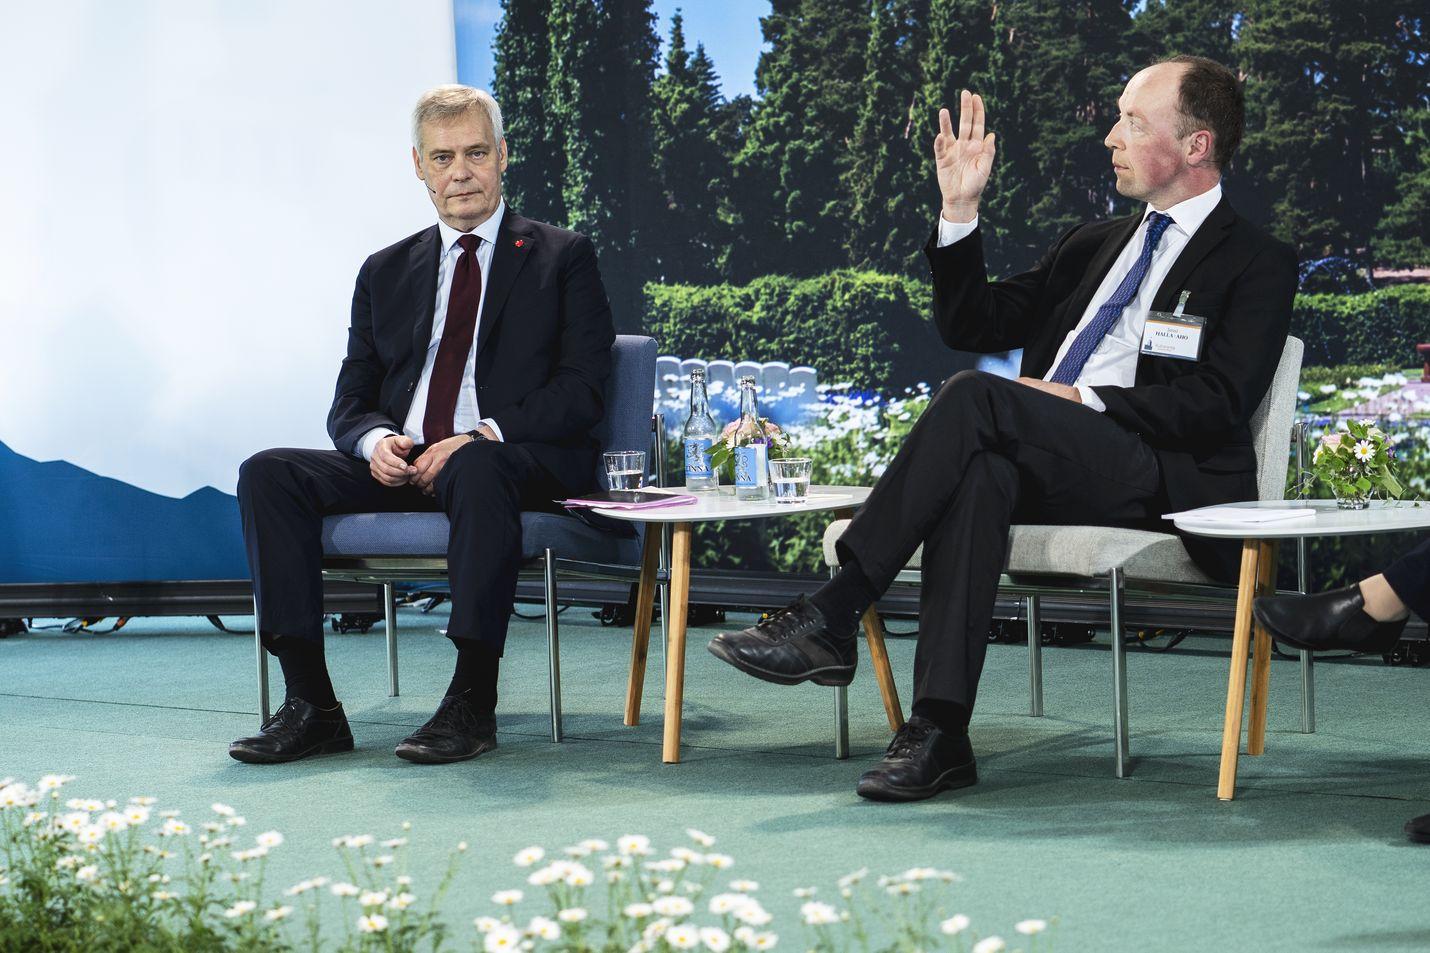 Pääministeri Antti Rinne ja oppositiojohtaja Jussi Halla-aho kiistelivät siitä, kuinka väljää tai tiukka rajavalvontaa Euroopassa pitäisi olla.